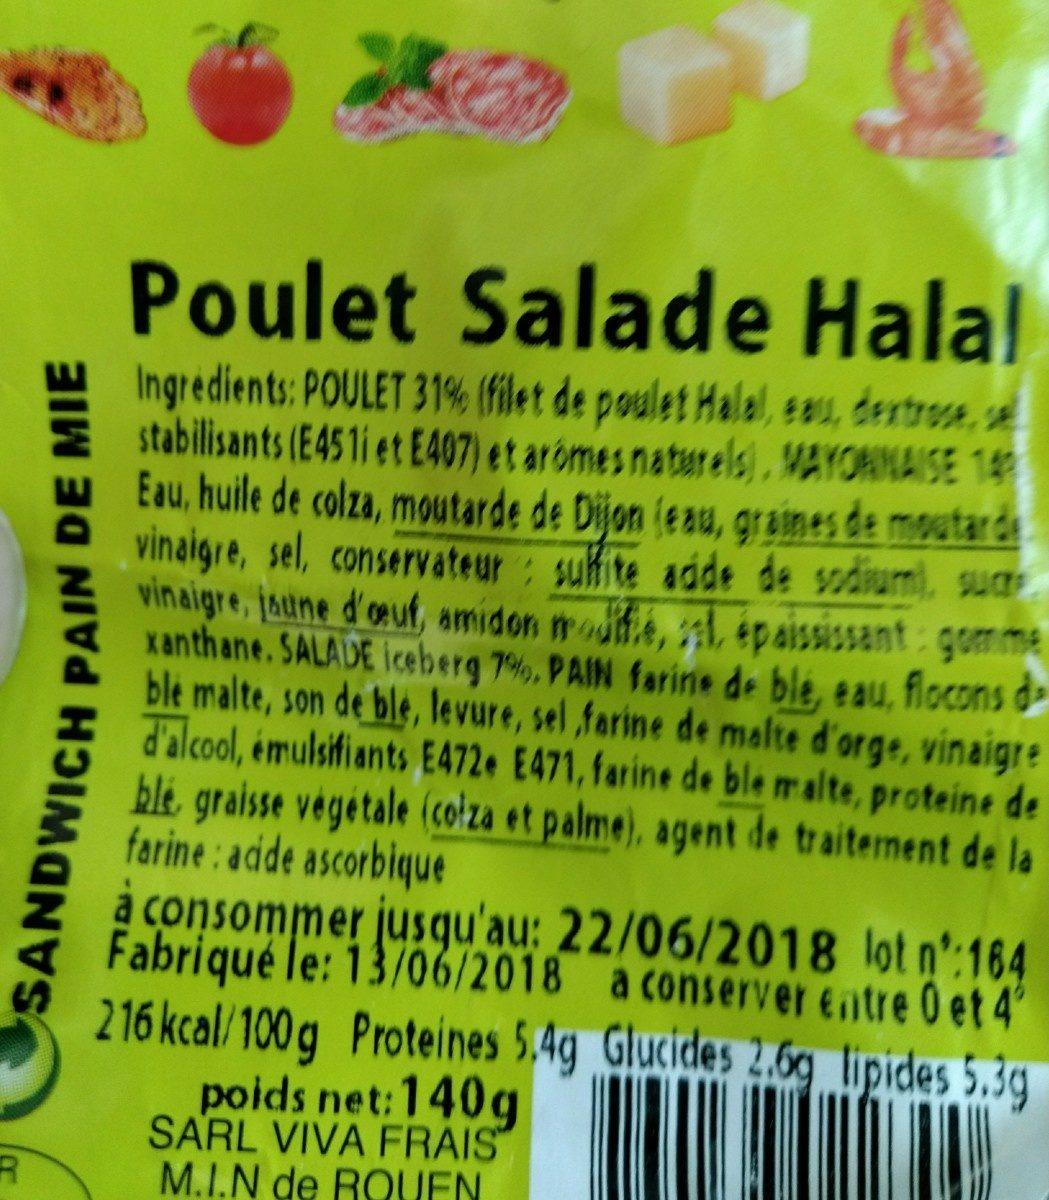 Sandwich poulet salade halal - Ingrédients - fr